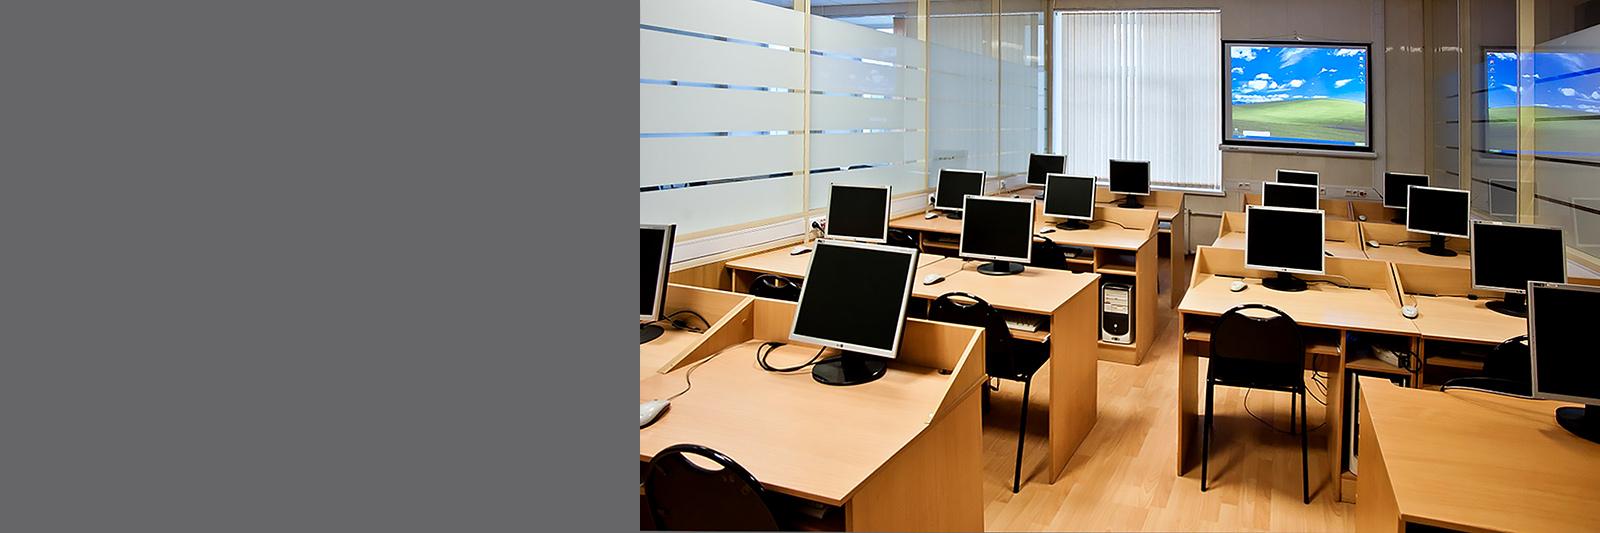 Мебель для компьютерного класса на заказ